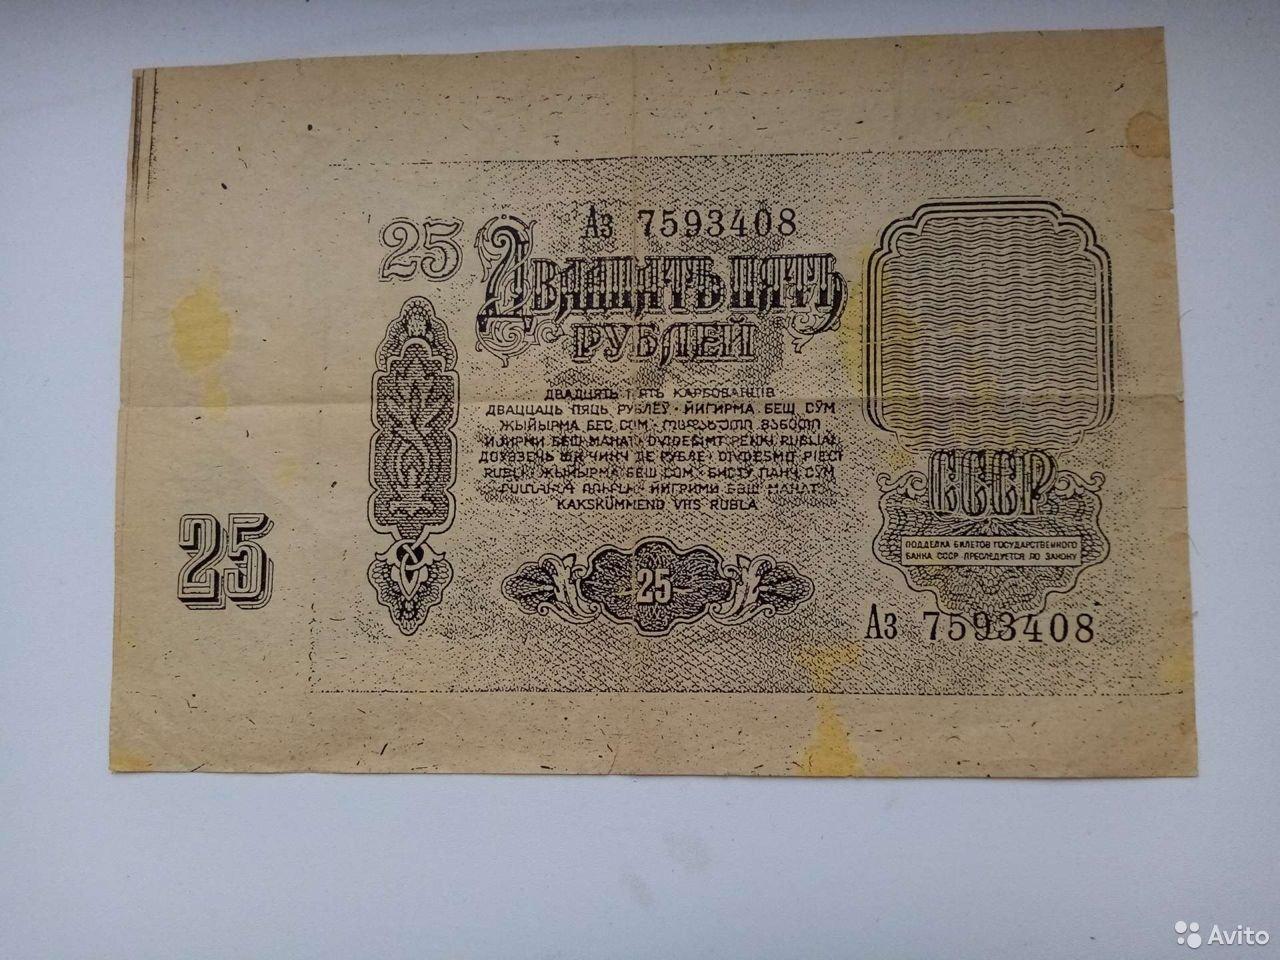 1,5 миллиона рублей — именно за такую сумму хозяин этой банкноты готов с ней расстаться